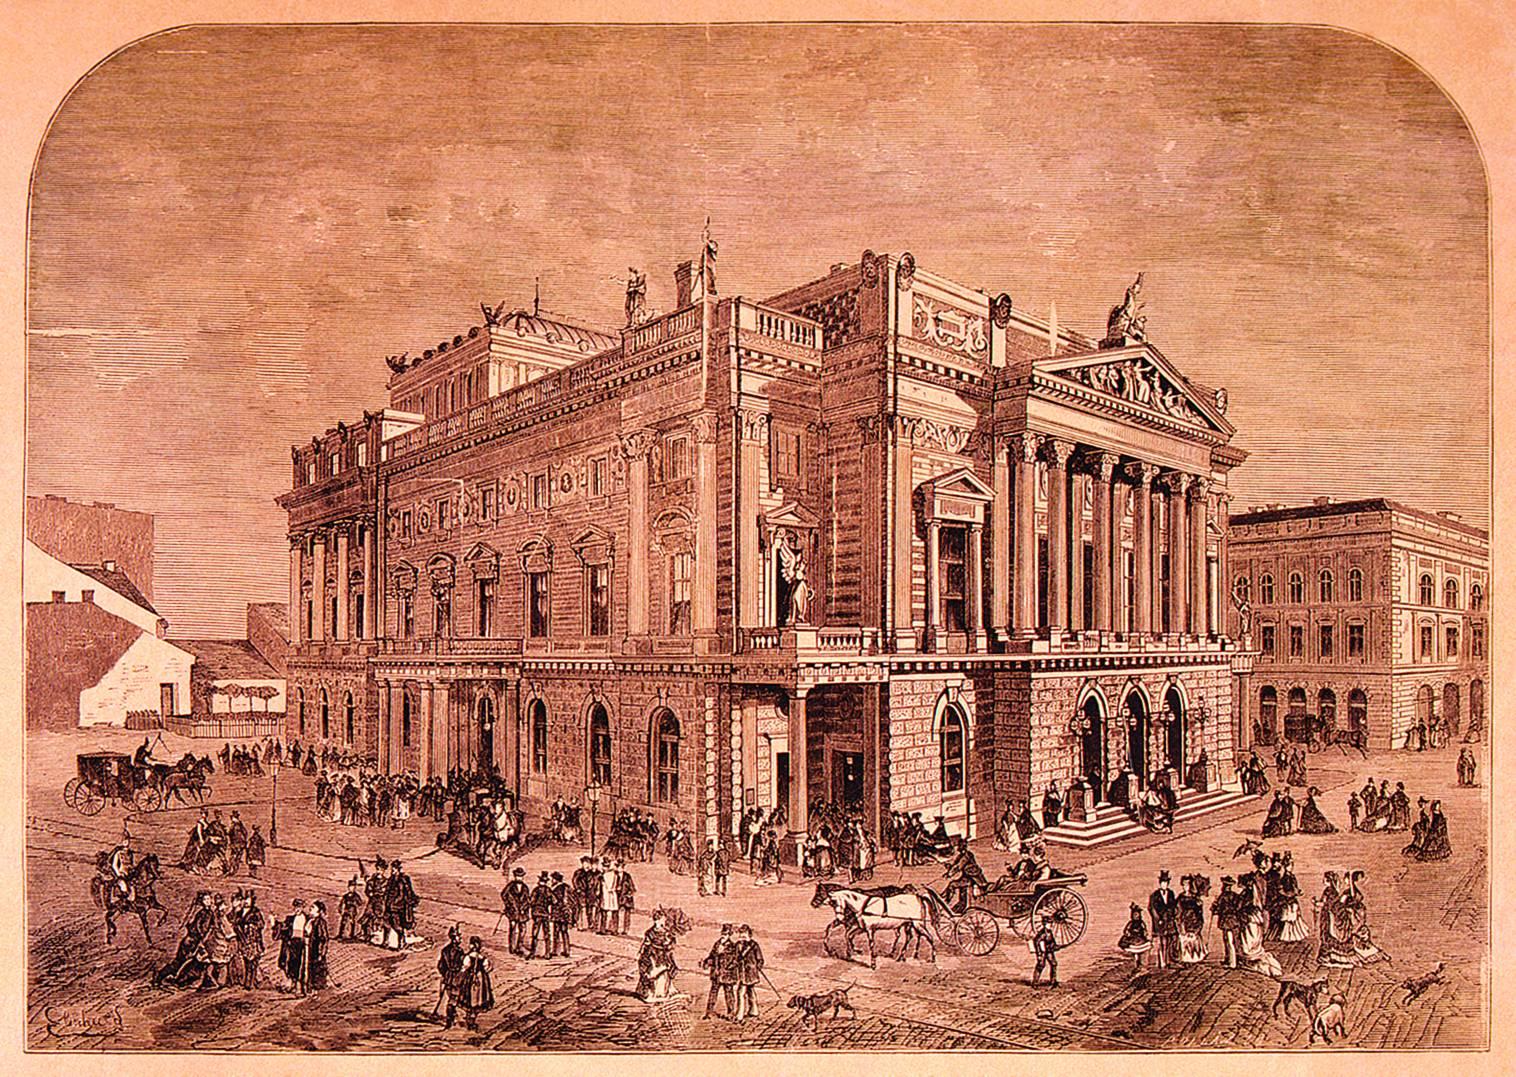 A Ferdinand Fellner és Hermann Helmer tervei nyomán felépített Népszínház, amely 1908-tól a Nemzeti Színháznak lett második – ismét ideiglenes – otthona, míg 1965-ben le nem bontották. Elischer Lajos rajza után, Pollák Zsigmond fametszete. – Színháztörténeti Tár<br /><br />